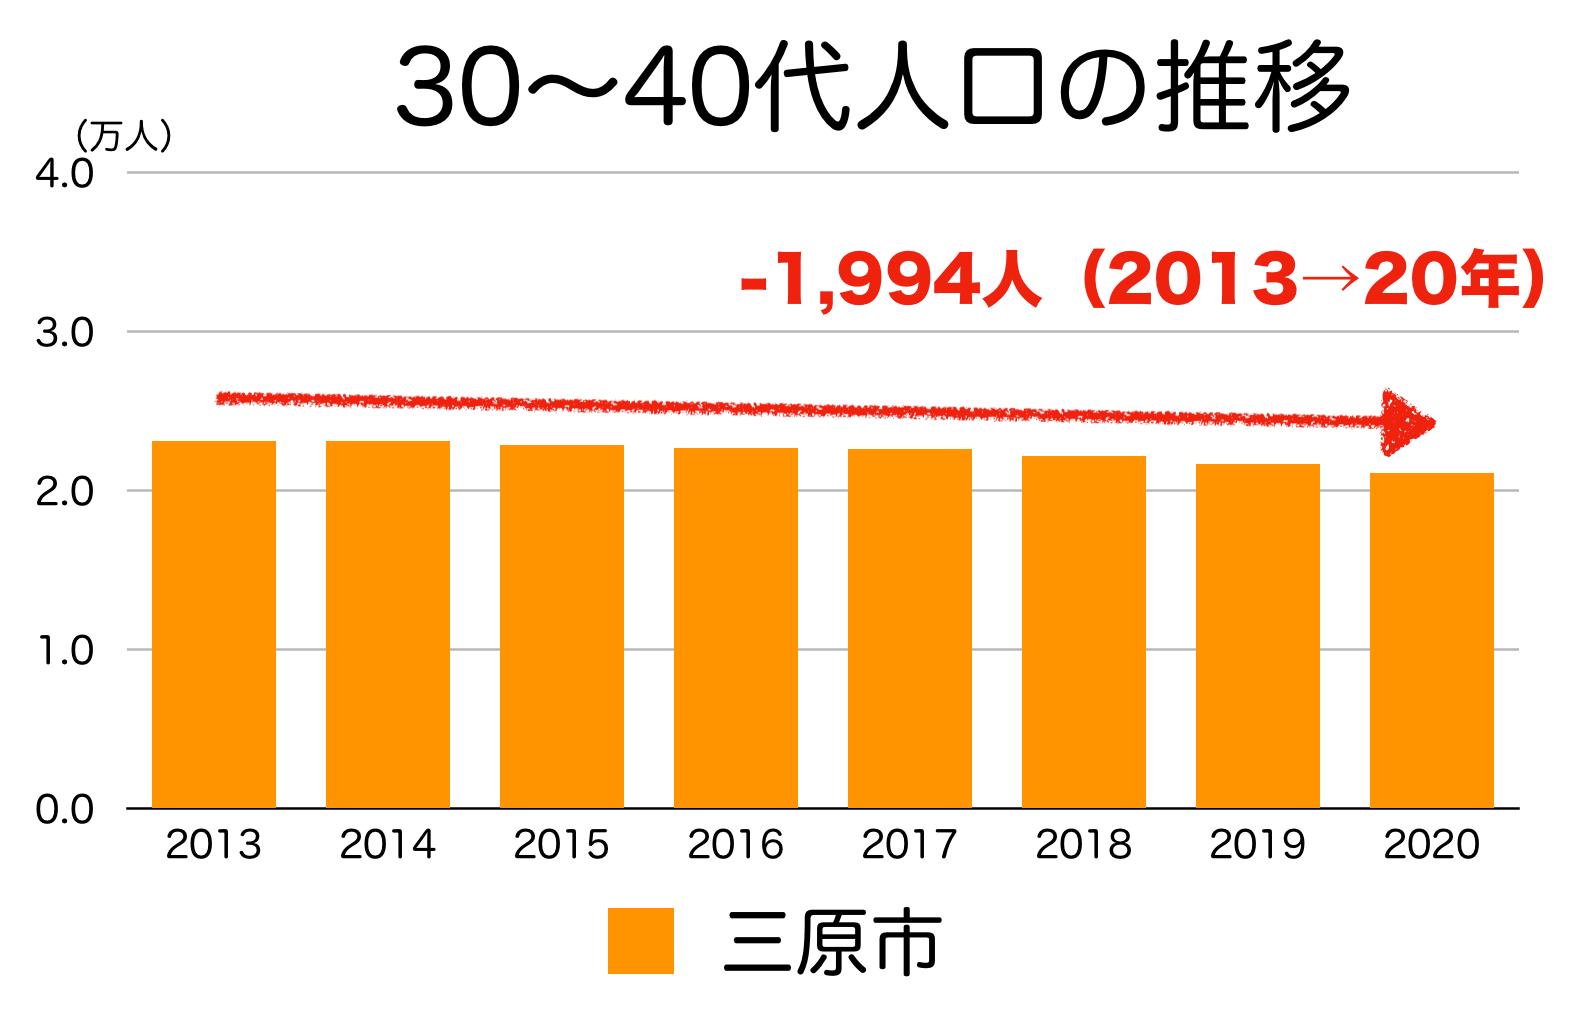 三原市の30〜40代人口の推移